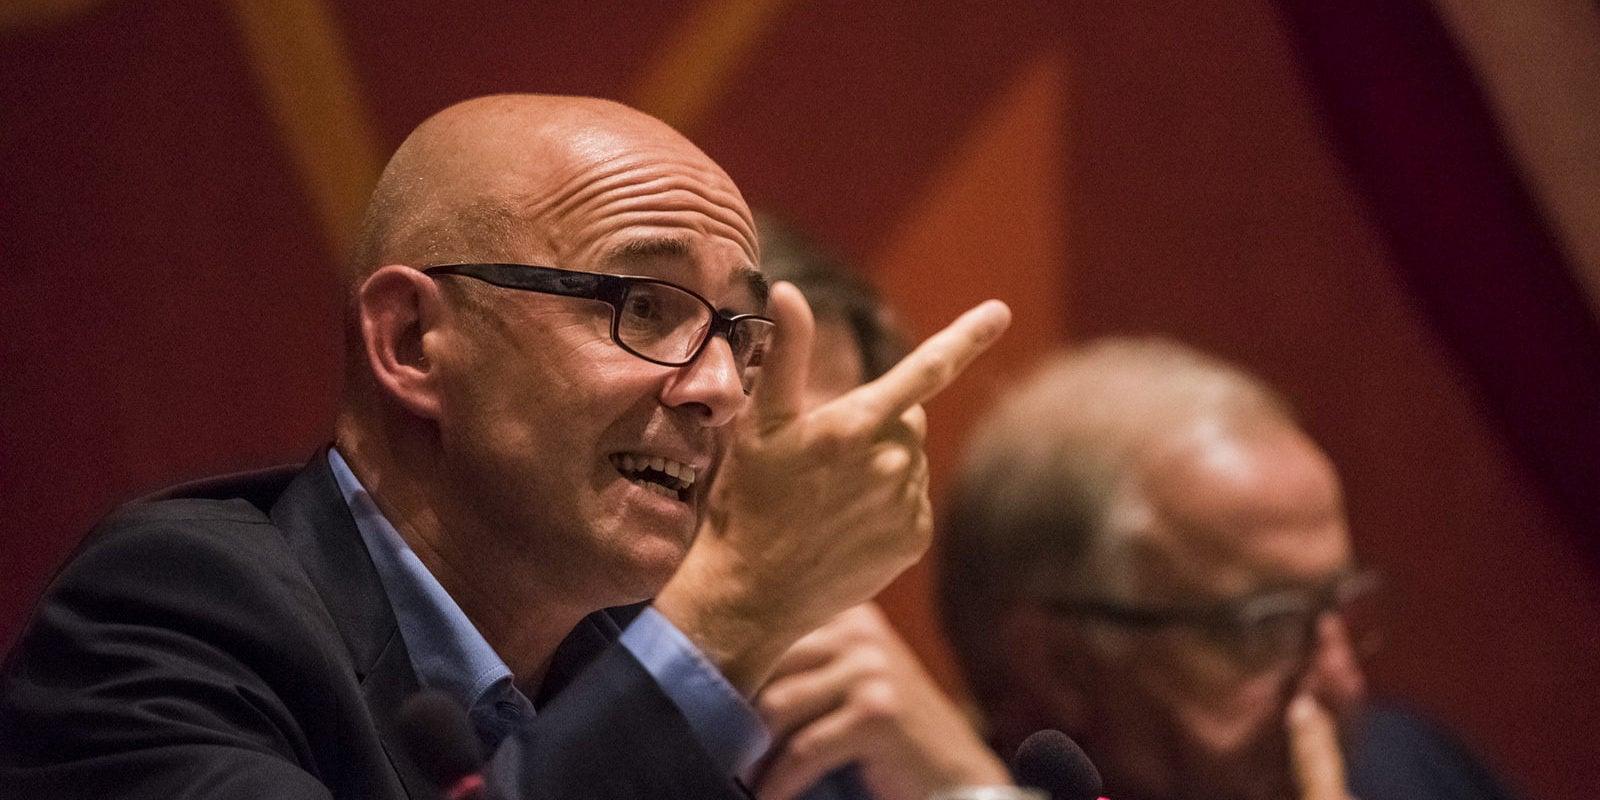 En cas de blocage sur l'Alsace, Frédéric Bierry prêt à recourir à la consultation publique